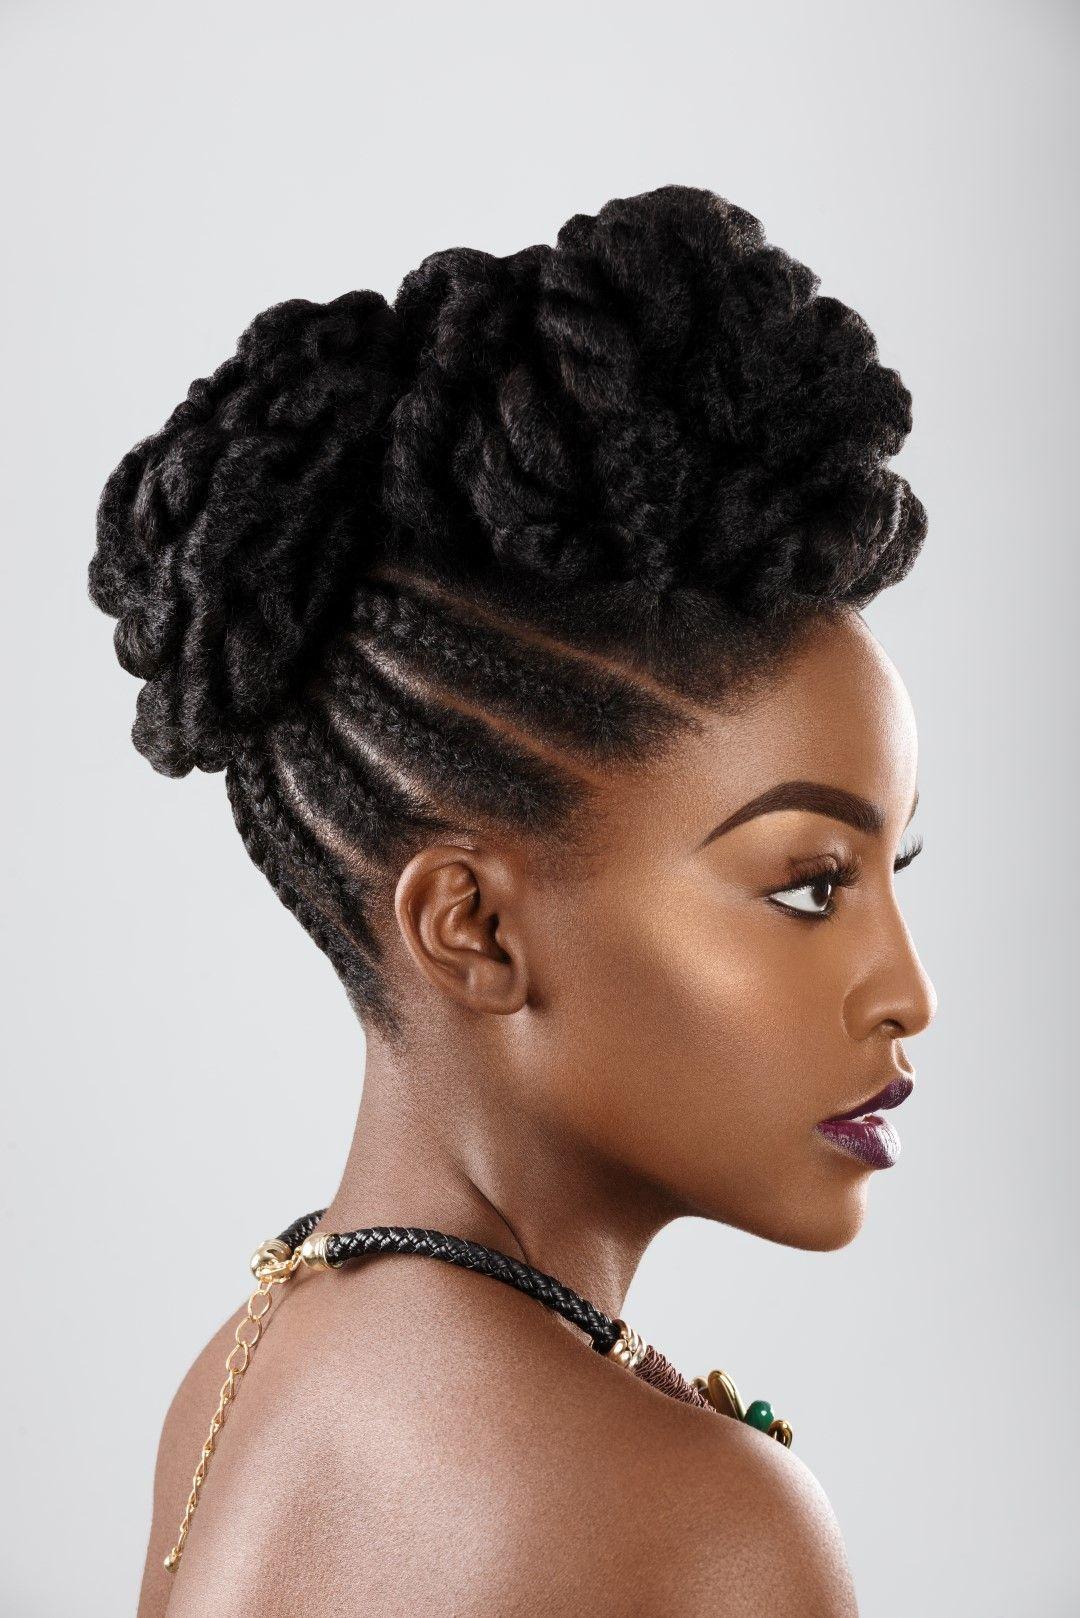 Natural Hair Dionne Smith Hairstylist Natural hair